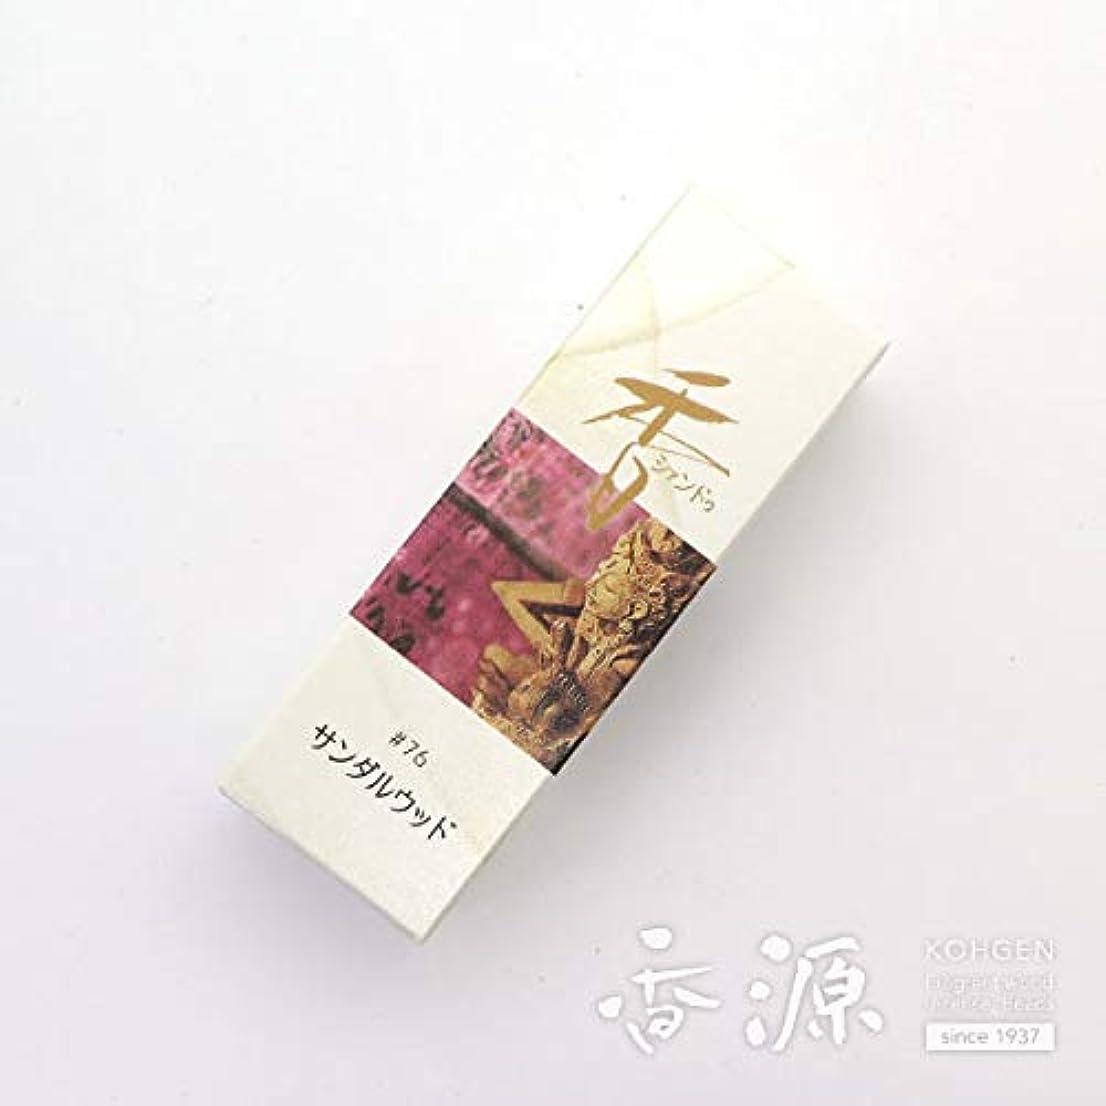 松栄堂のお香 Xiang Do サンダルウッド ST20本入 簡易香立付 #214276